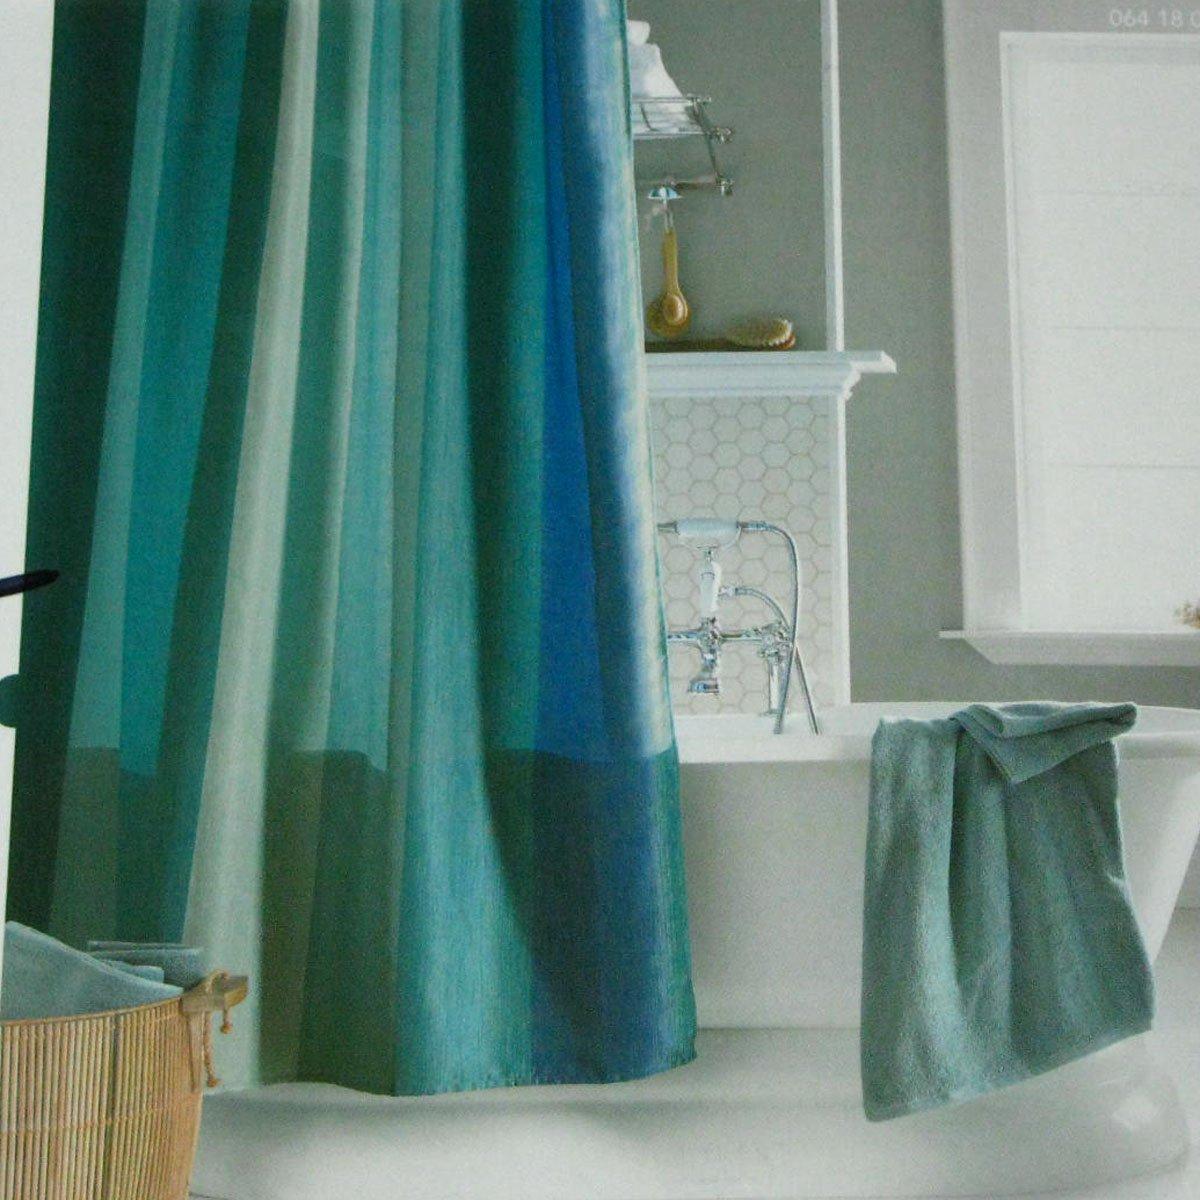 target aquamarine multistripe blue aqua